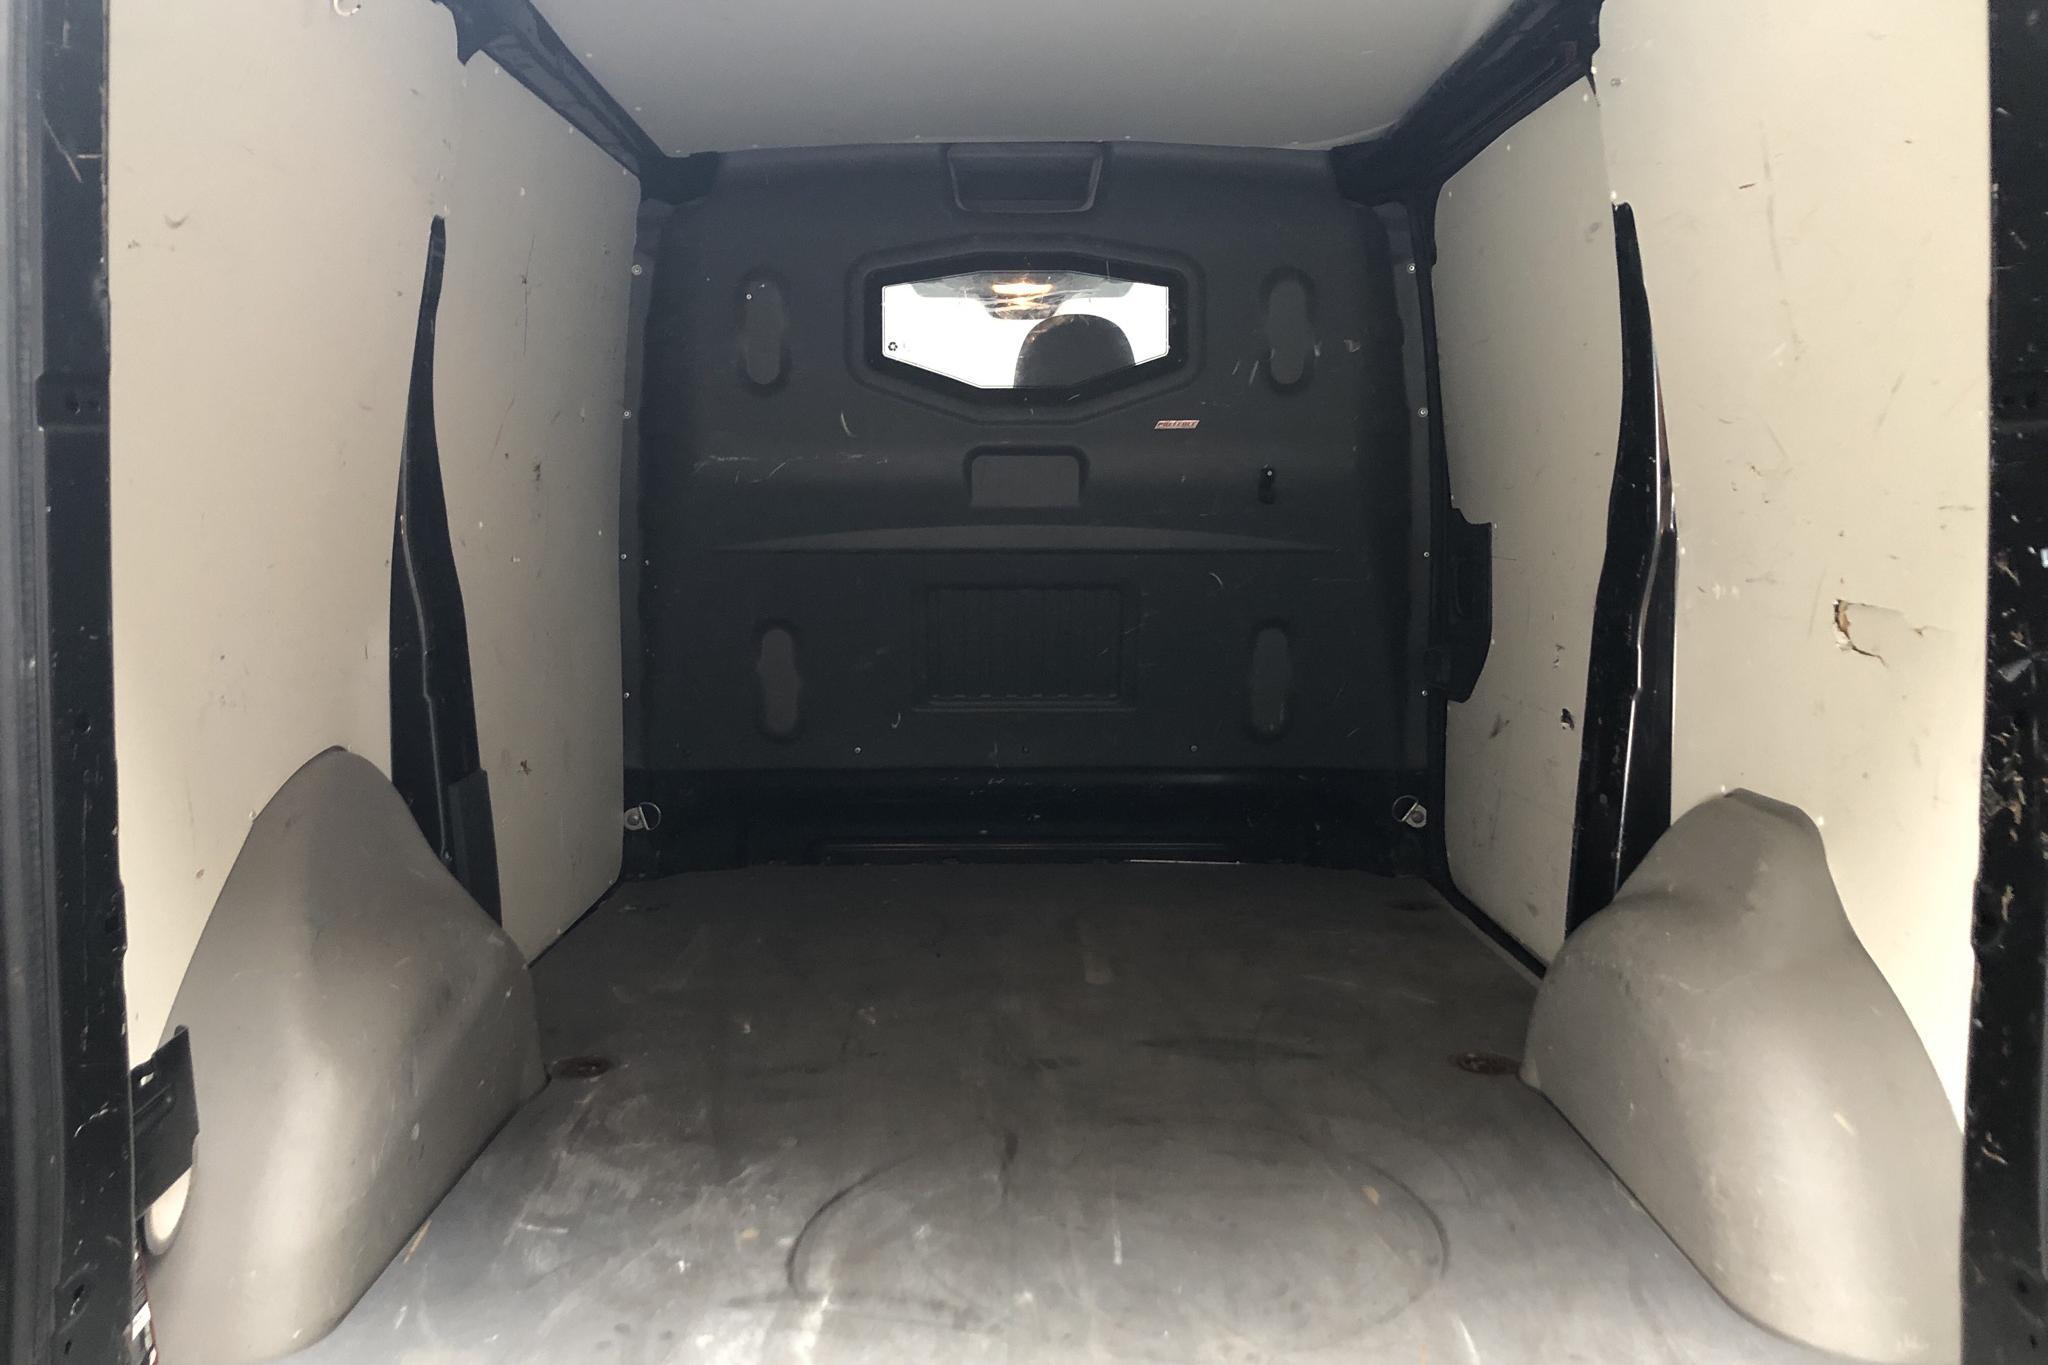 Fiat Scudo 2.0 MJT (130hk) - 8 113 mil - Manuell - svart - 2014